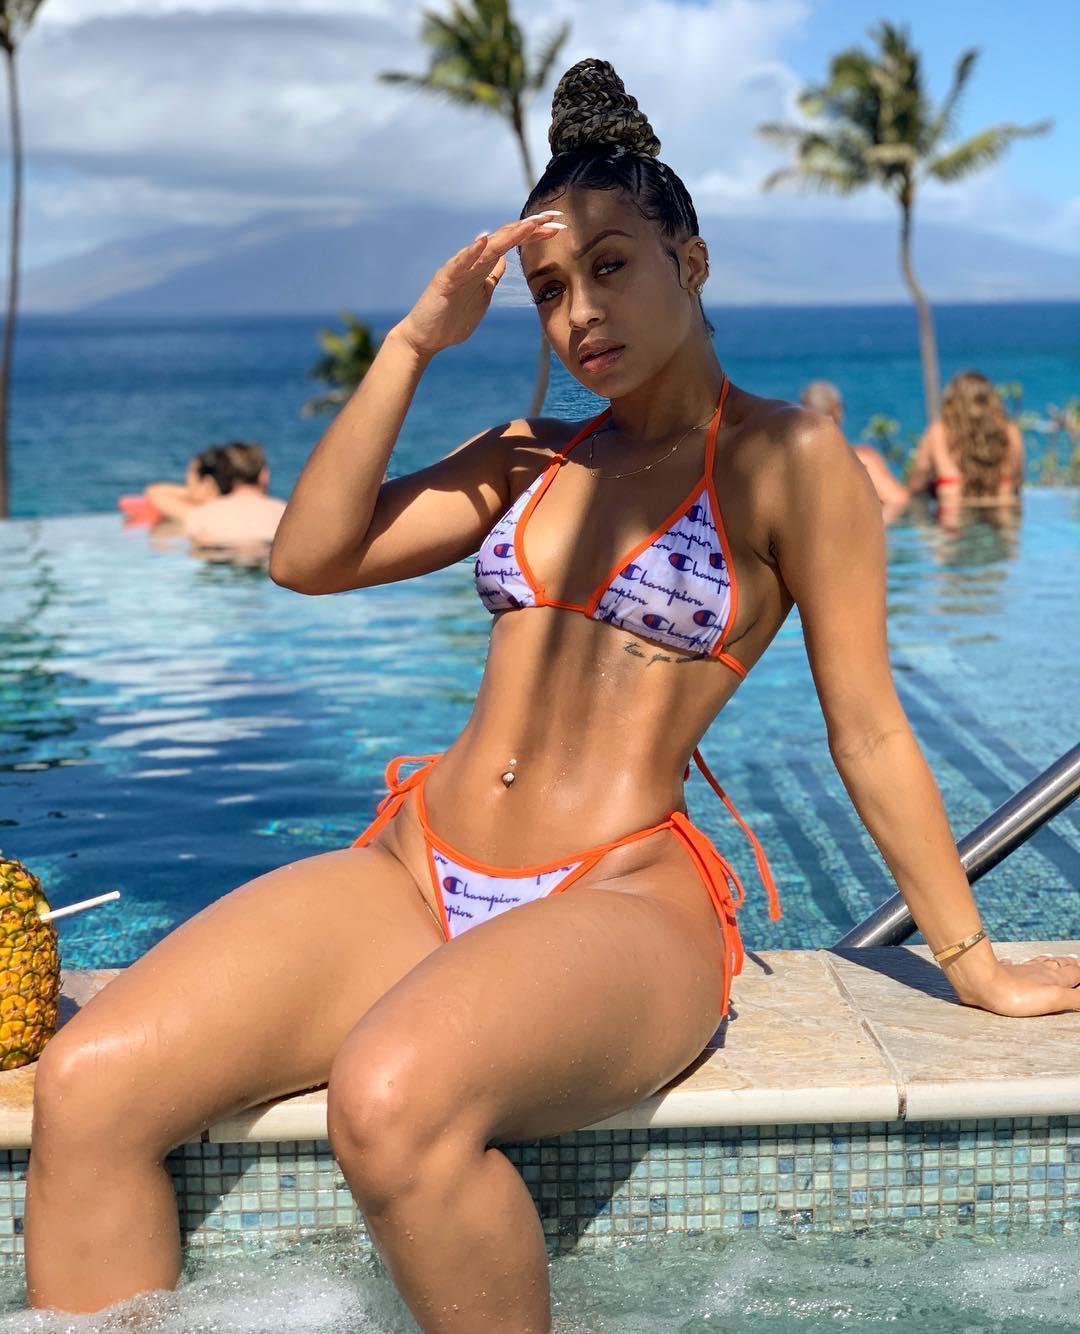 fc98b2f4bf85d0 Champions Brief Frauen Badeanzug Mädchen Bademode CHAMPI Bikini Set Strand  Kleidung Solid String Bikinis Zweiteilige Damen Schwimmen Tragen C3195